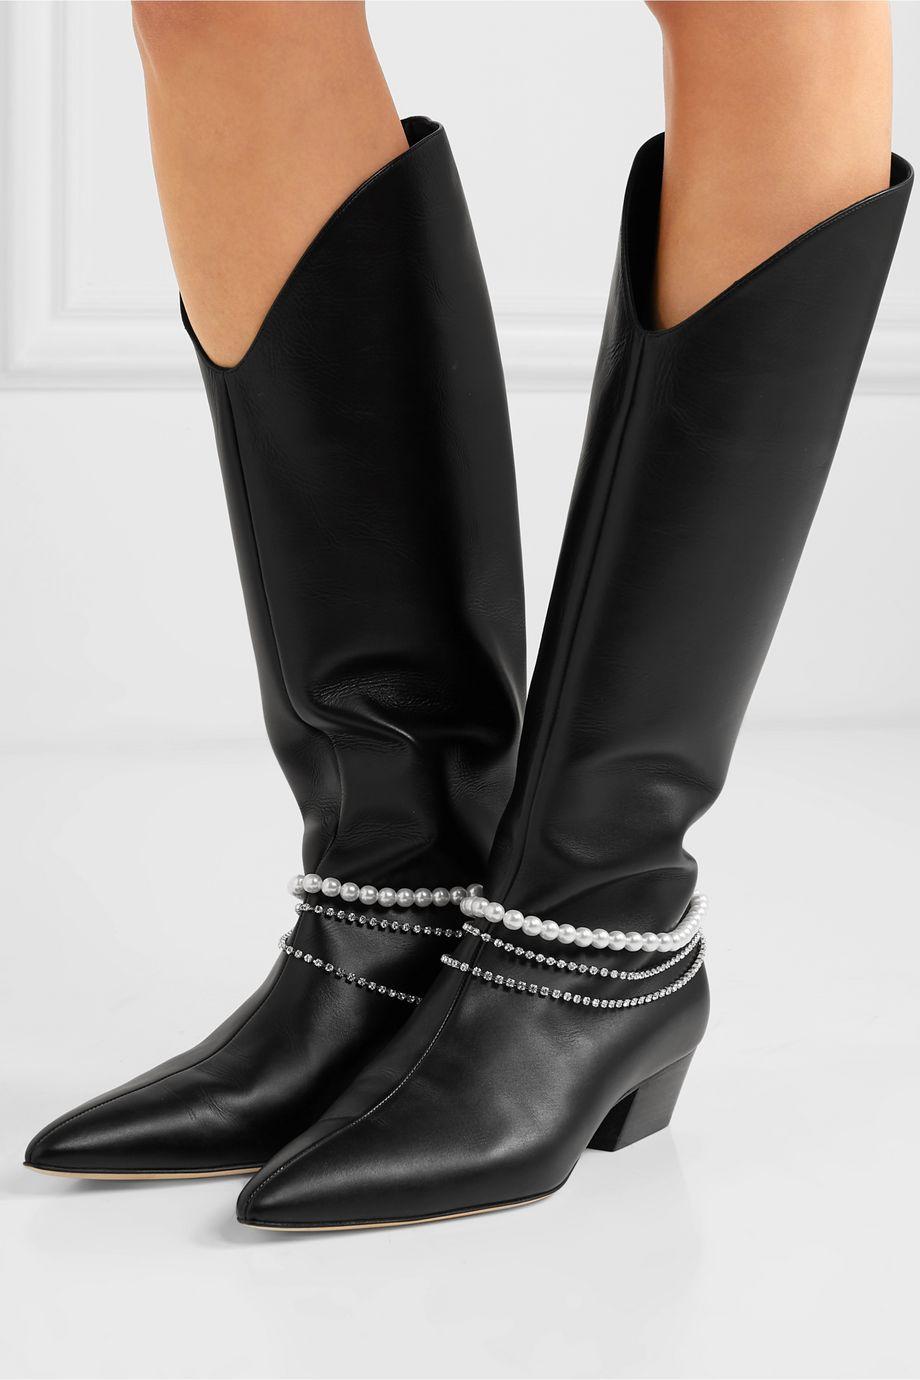 Magda Butrym Mexico 水晶人造珍珠缀饰皮革及膝长靴